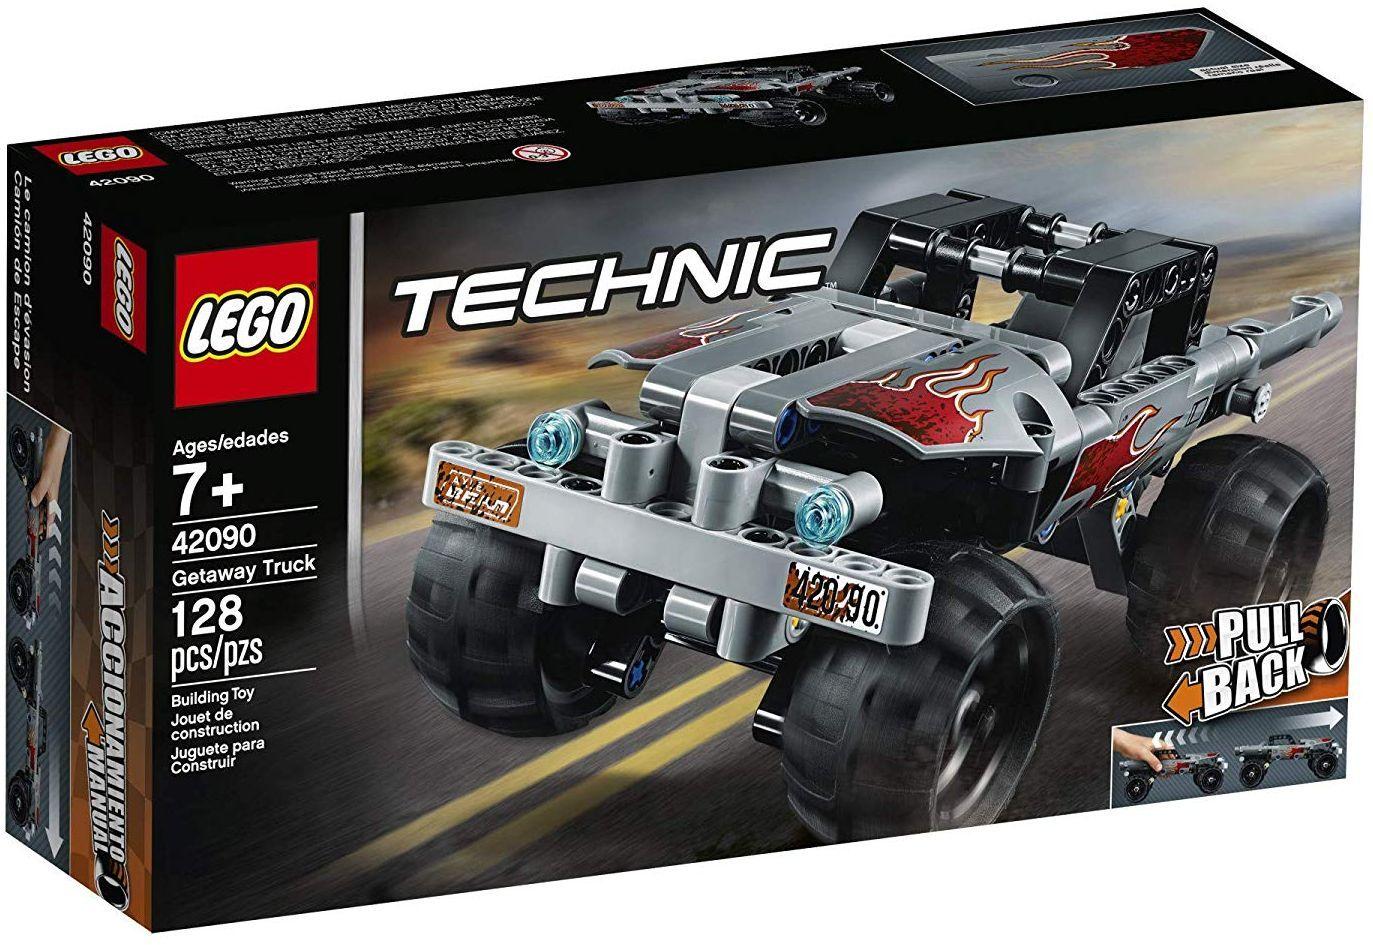 Конструктор Lego Technic - Камион за бягство (42090) - 5